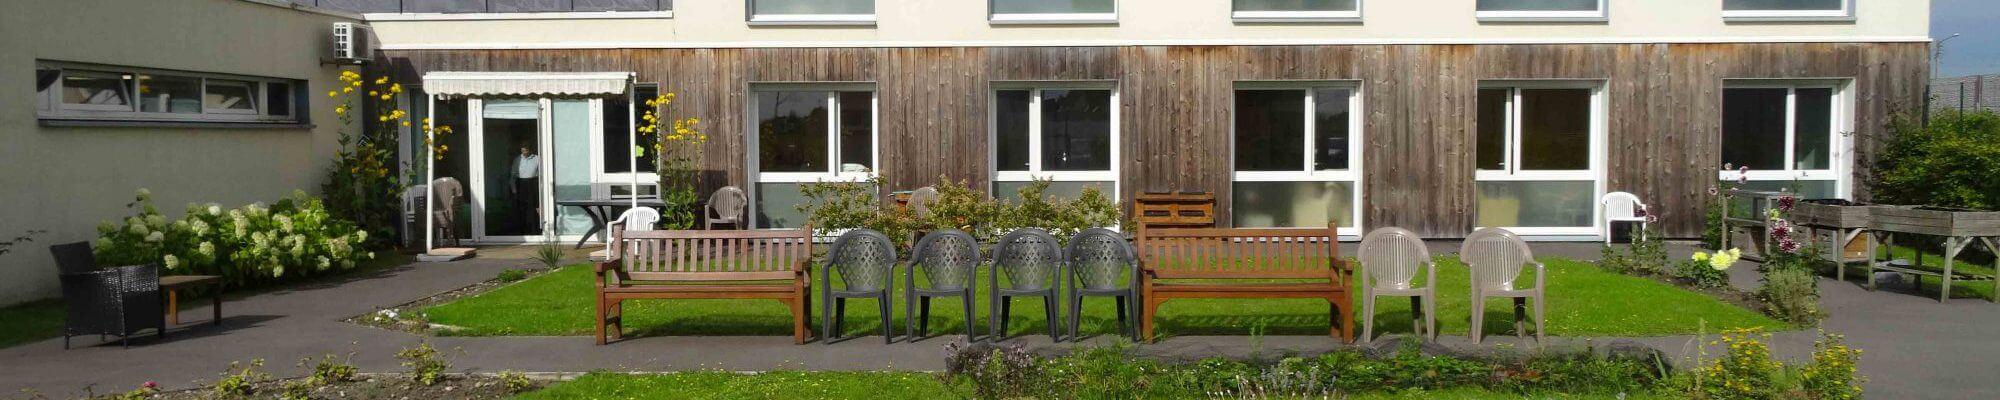 Parc-residence-ehpad-les-lilas-espace-vert-jardinage-autonomie-marck-en-calaisis